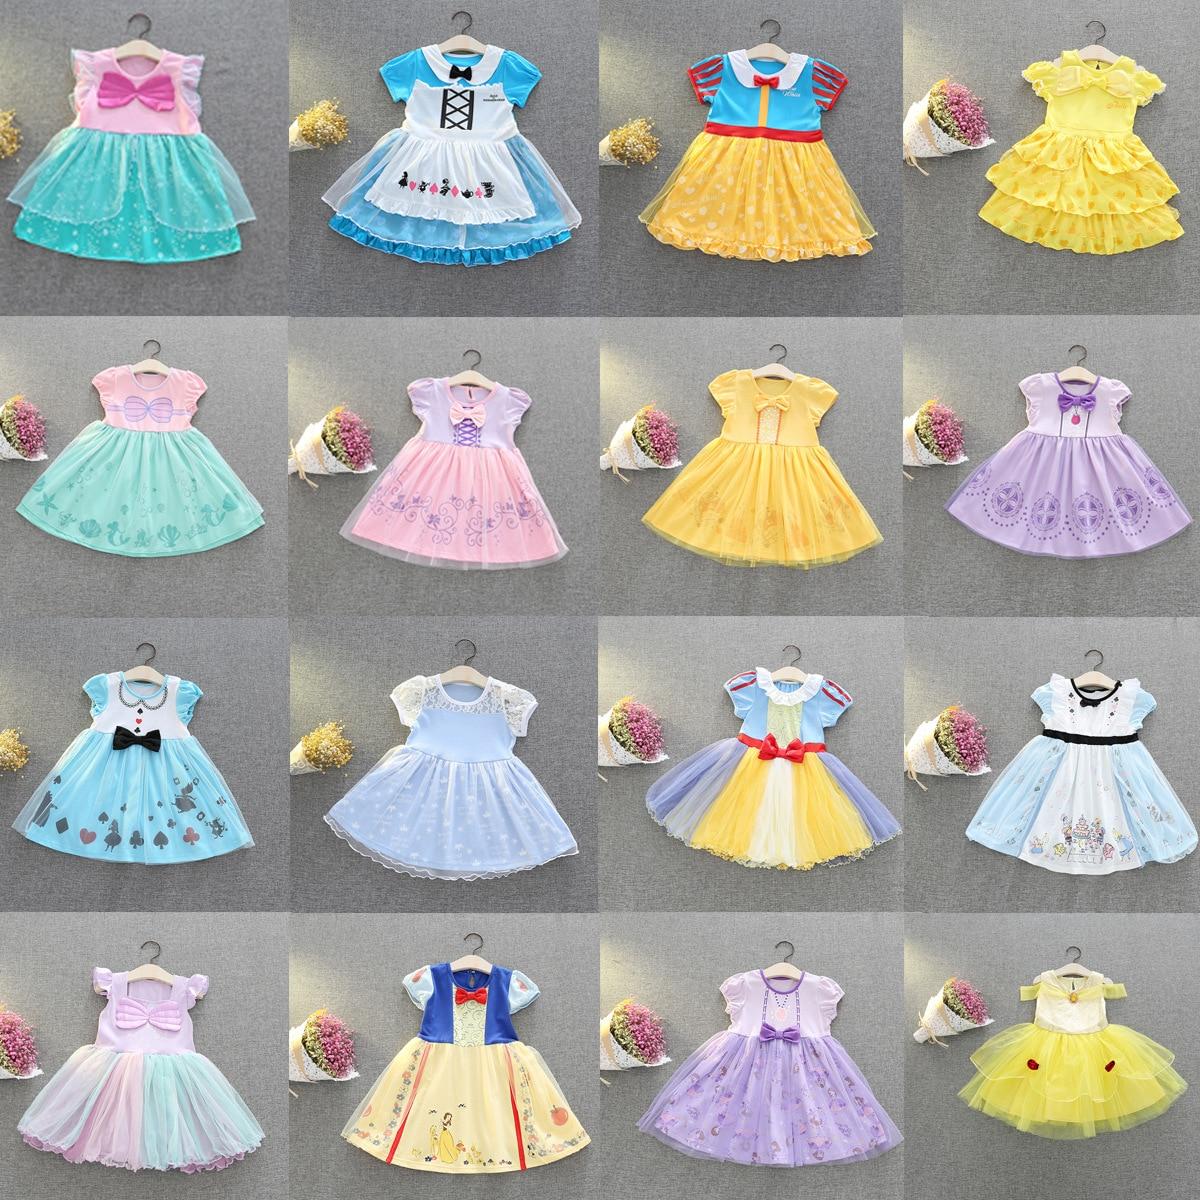 Vestidos infantiles para niñas de Disney, vestido de princesa disfraz Blancanieves para Halloween, fiesta de Navidad, Cosplay, ropa elegante para niños